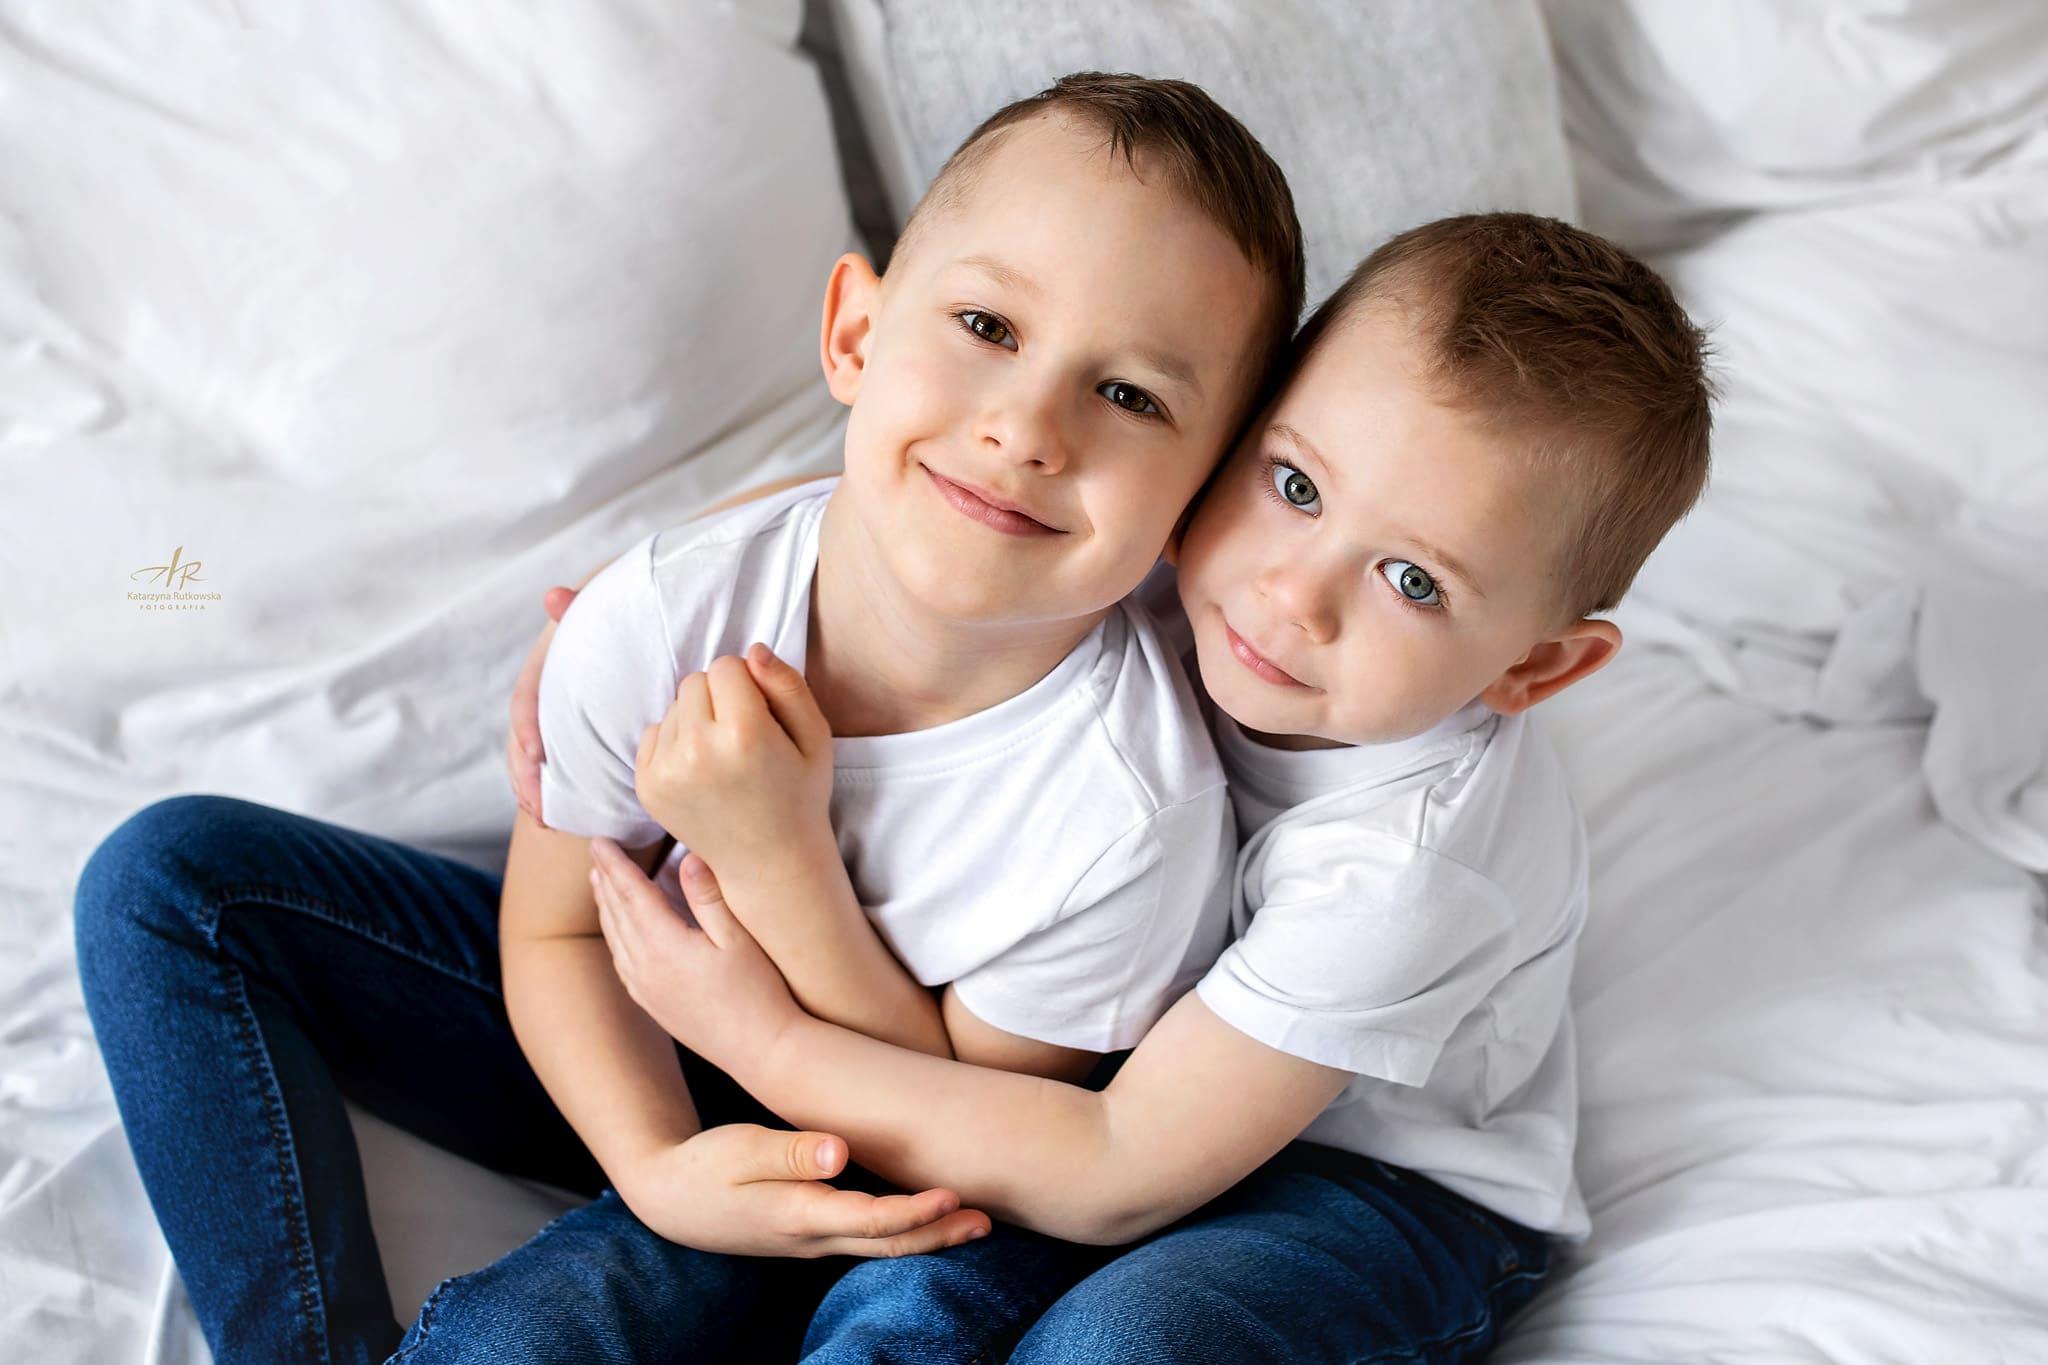 Domowa sesja zdjęciowa - zdjęcie braci